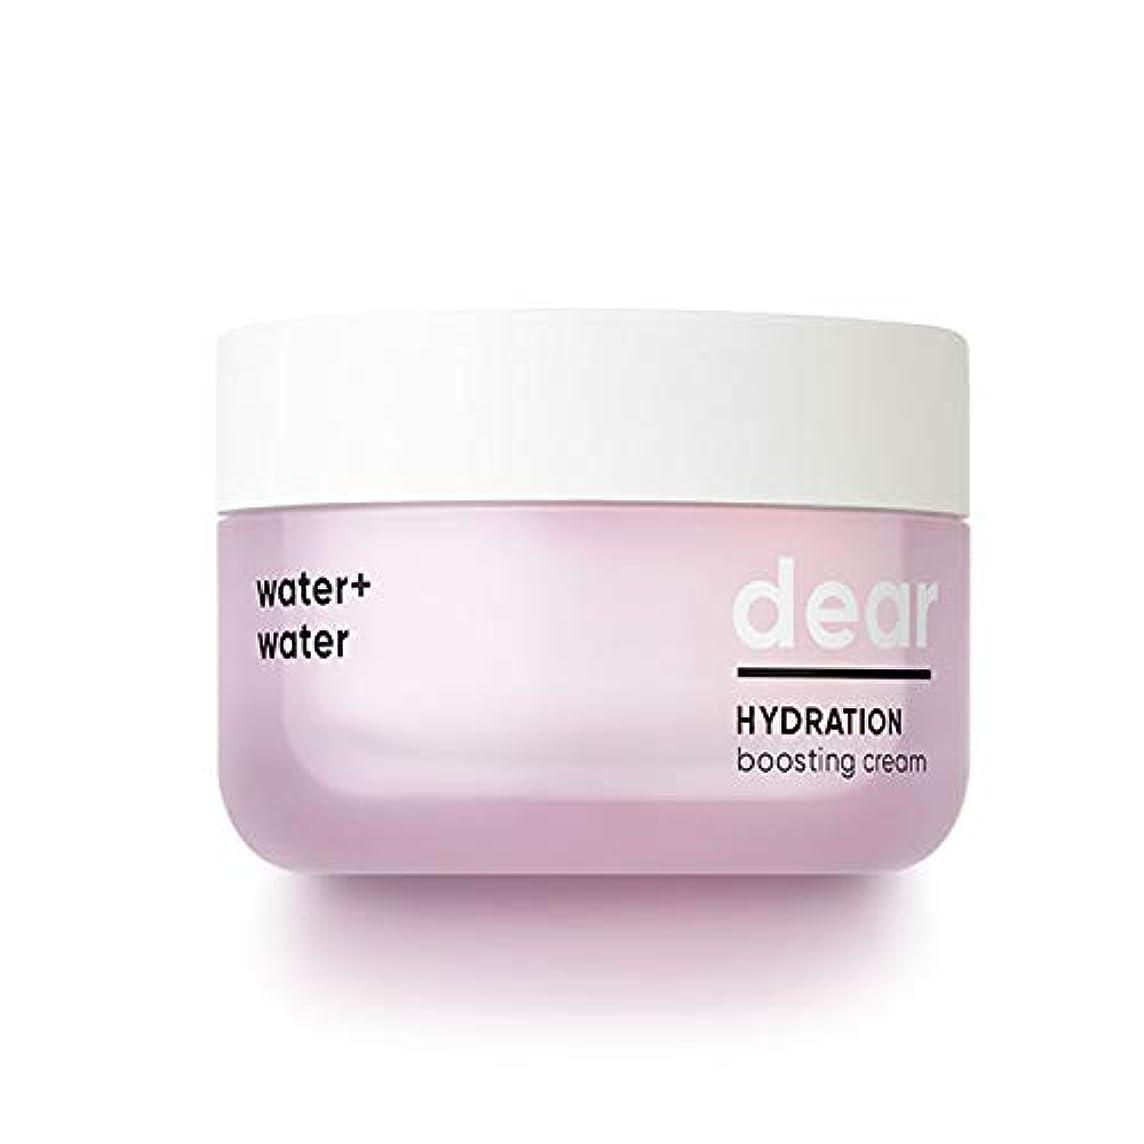 直感ストレージジェーンオースティンBANILA CO(バニラコ) ディア ハイドレーション ブースティングクローム Dear Hydration Boosting Cream